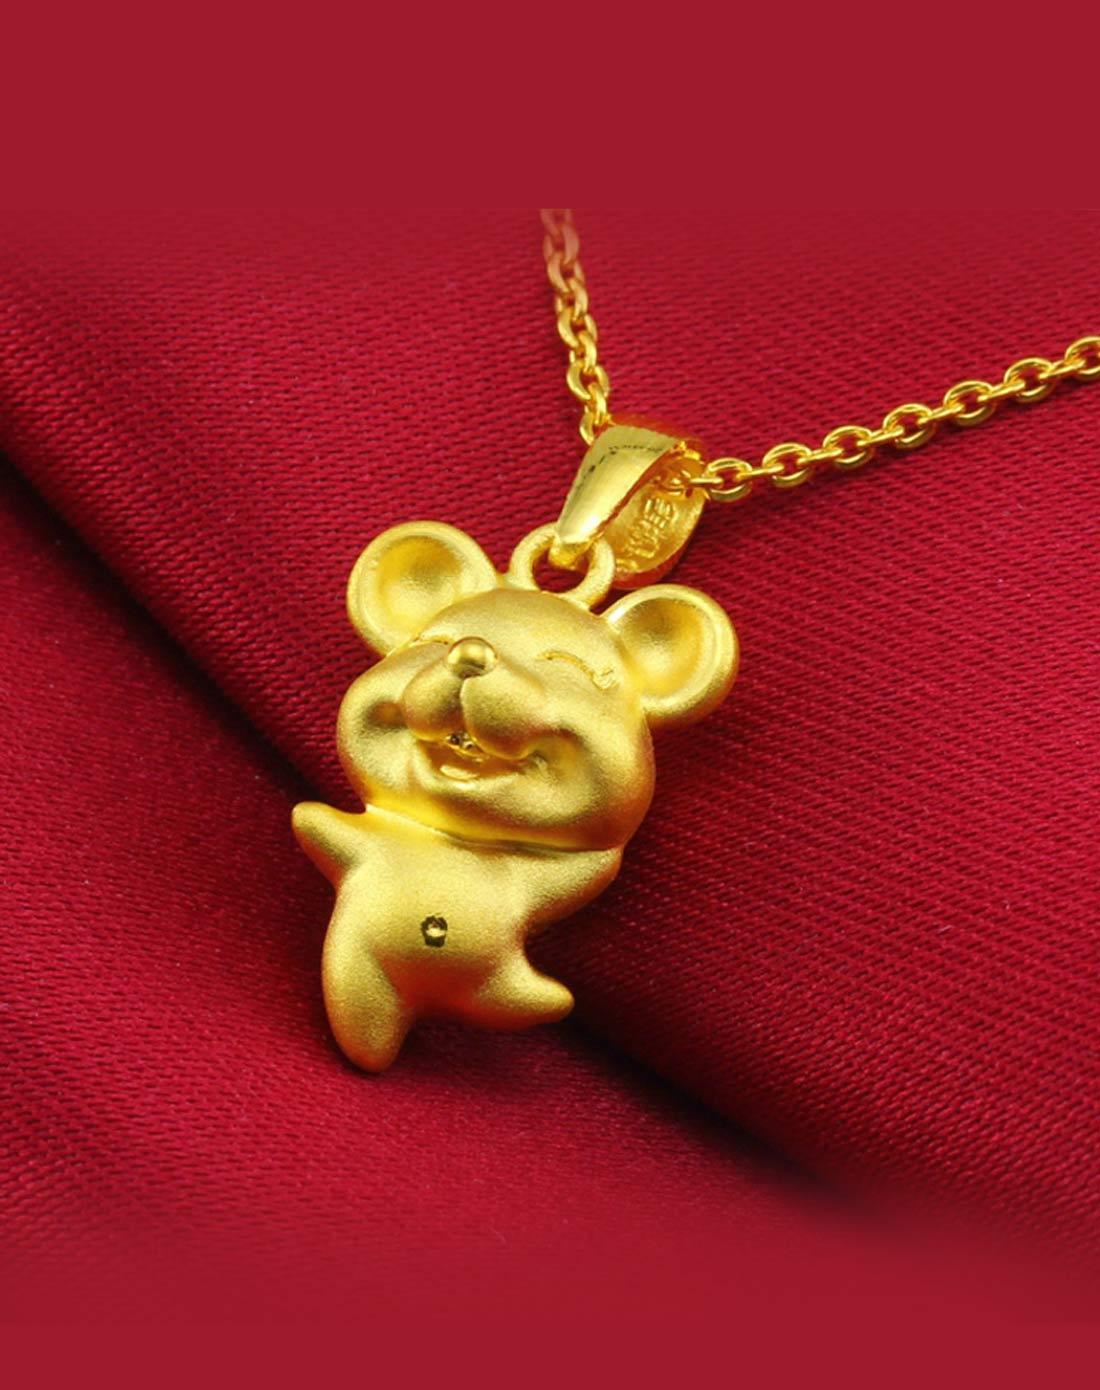 鼠宝宝 3d硬金千足金十二生肖吊坠